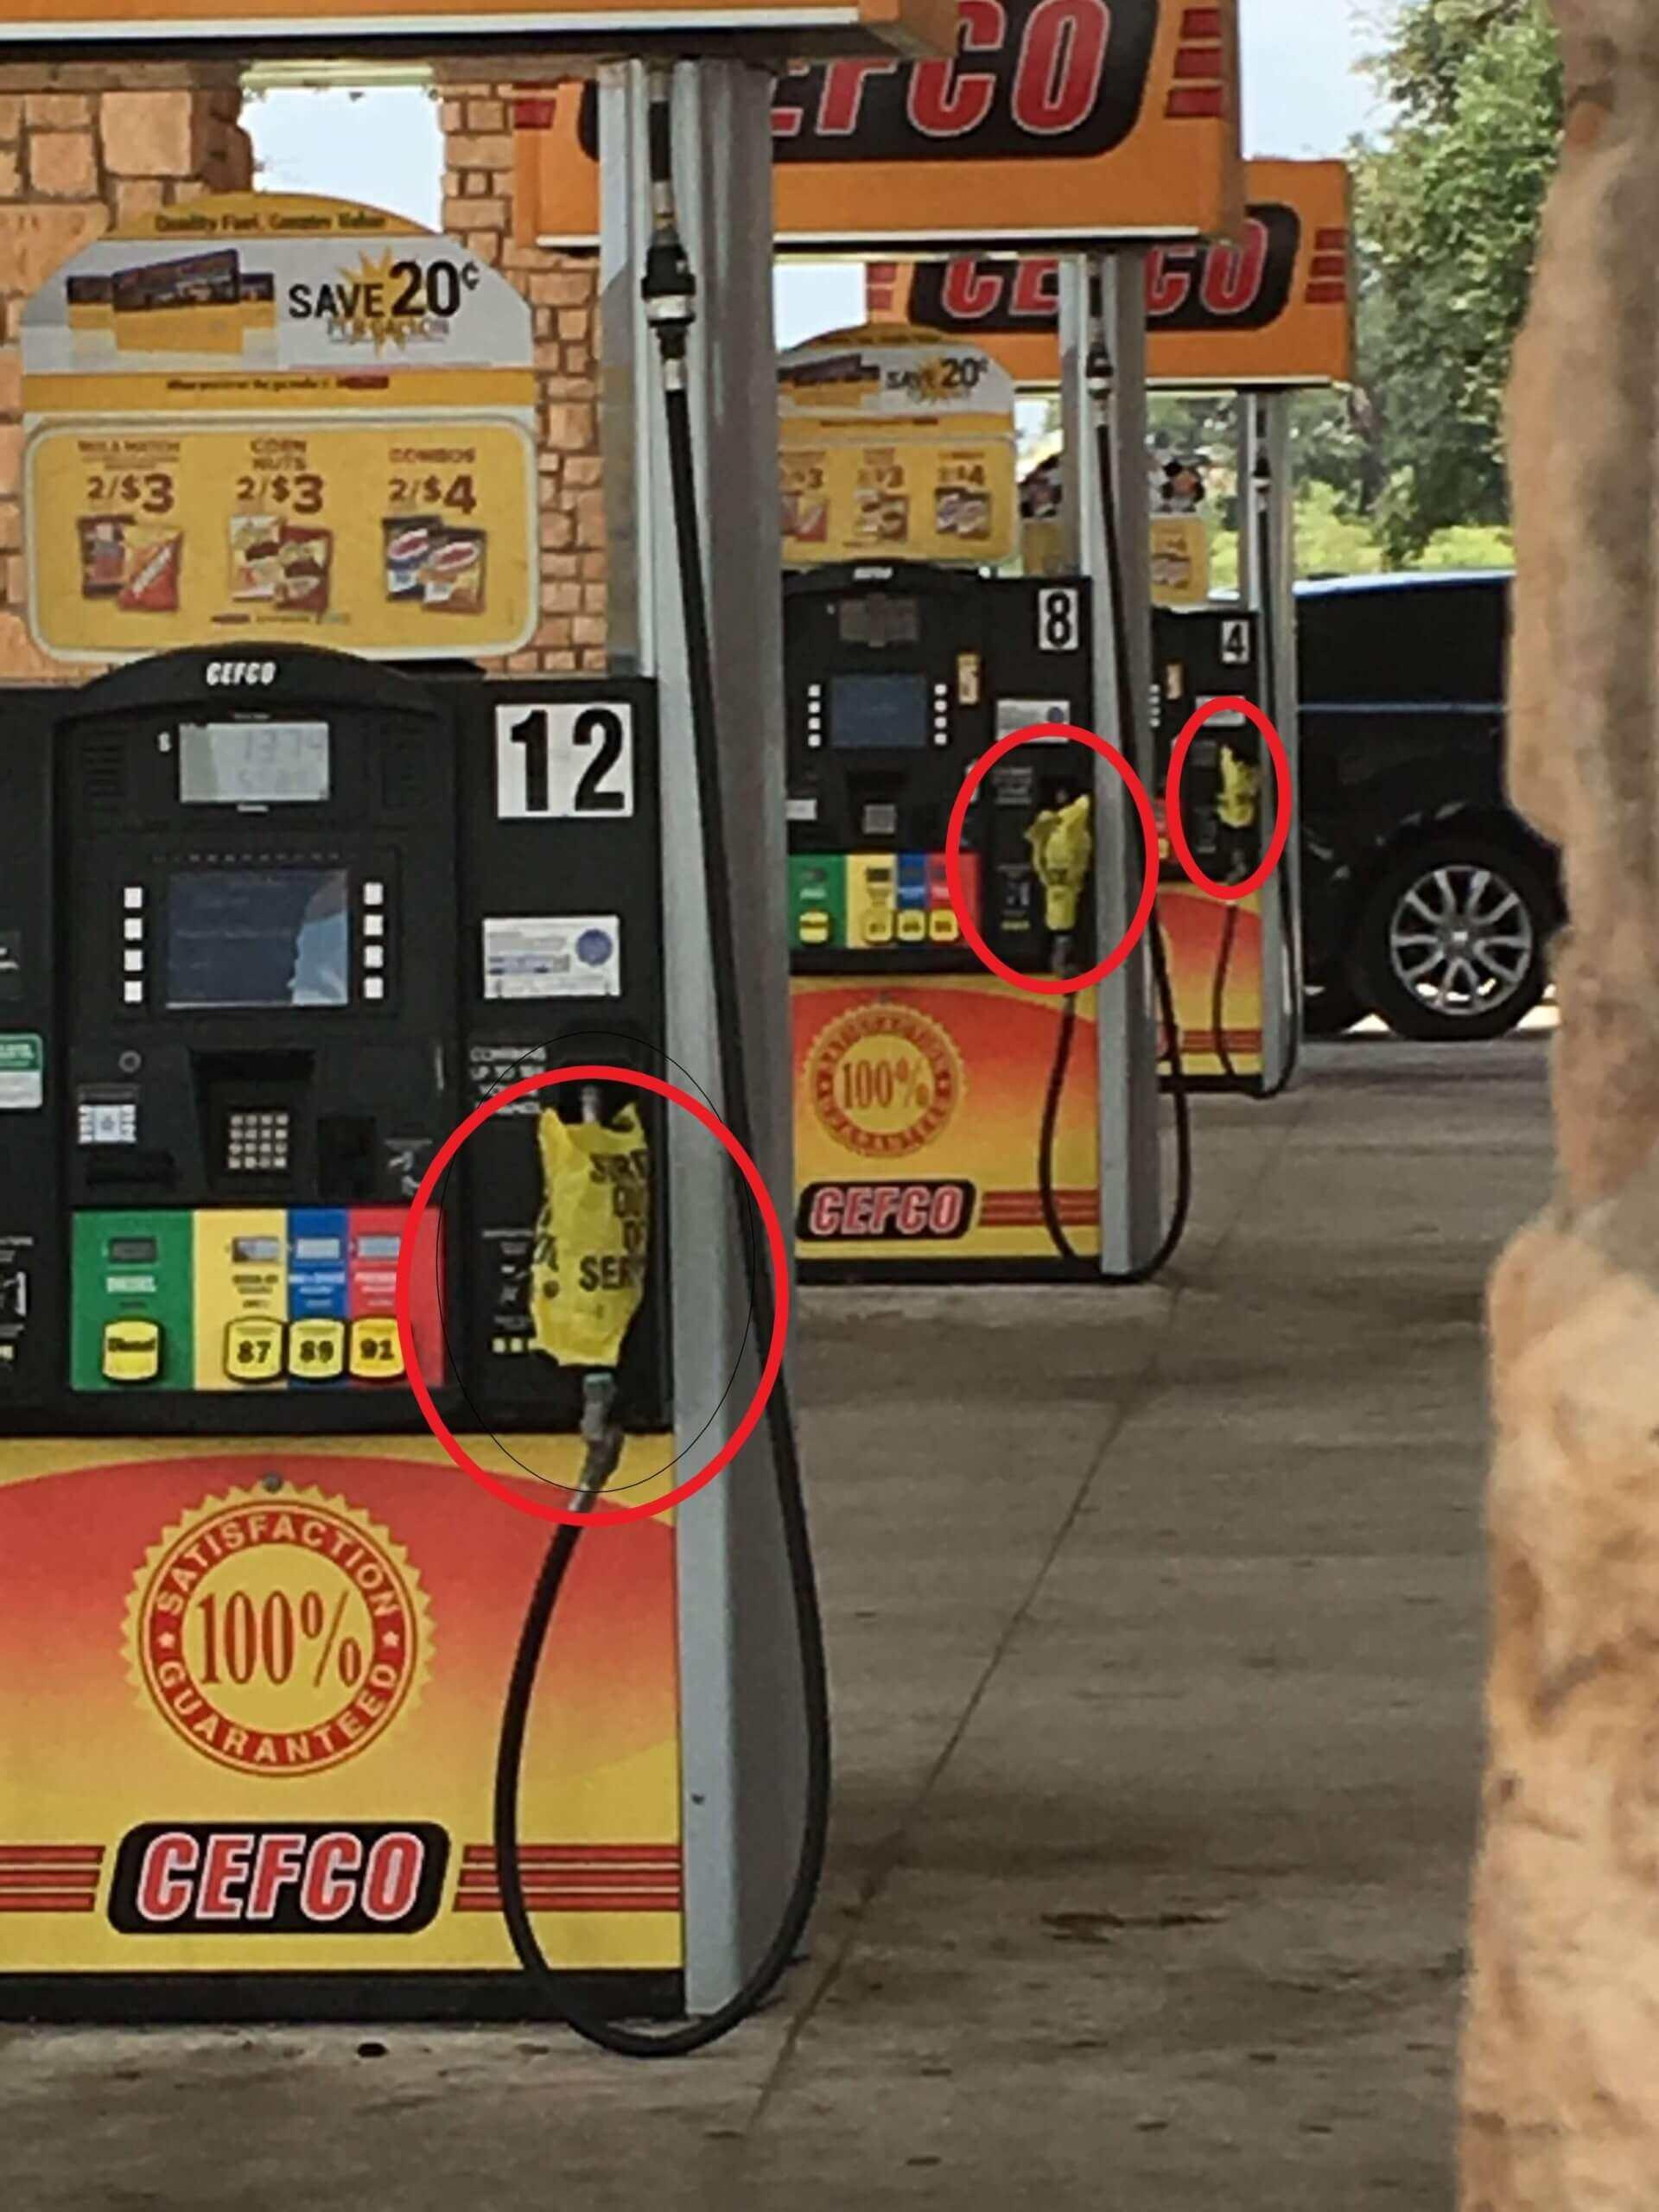 Photo of fuel pump empty of no-lead gasoline